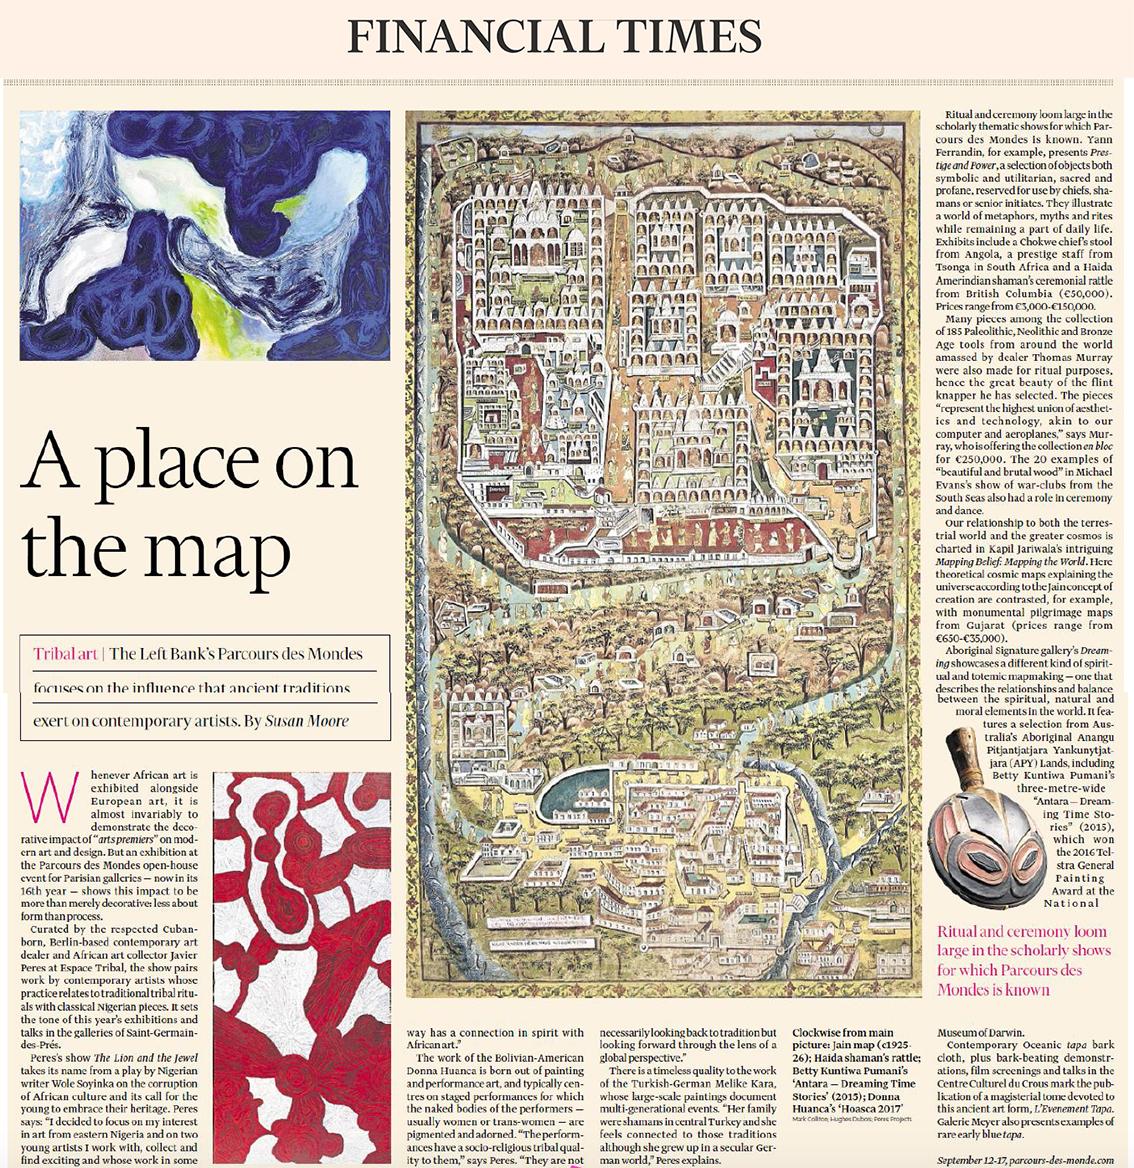 Financial-Times-aboriginal-art-Parcours